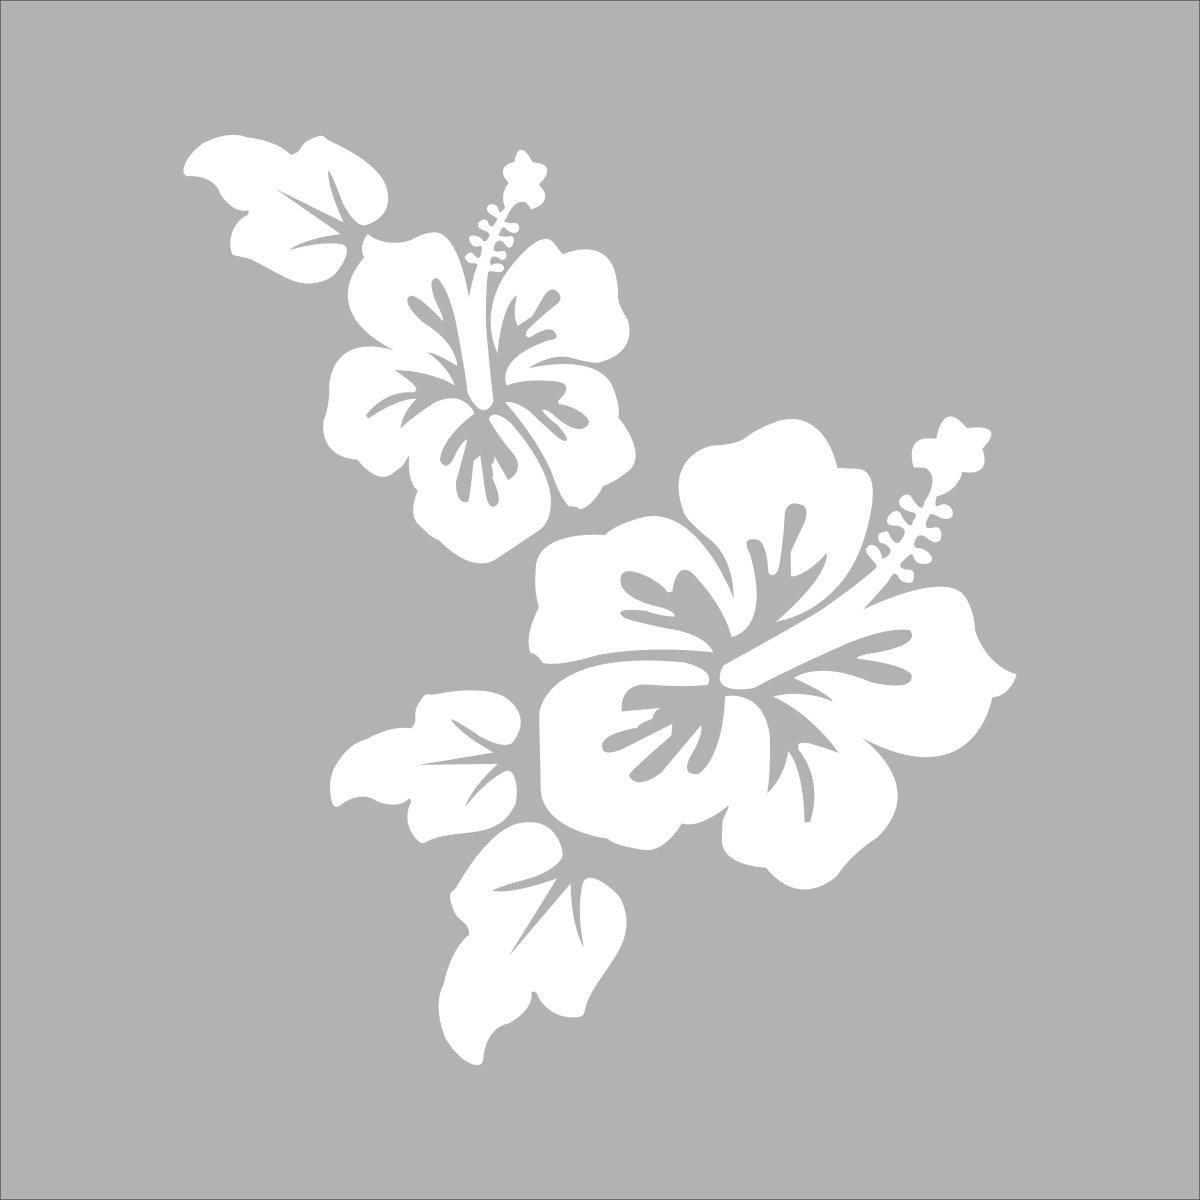 sk 深卡 个性运动花纹图案车身随意贴系列24款 白色 15厘米